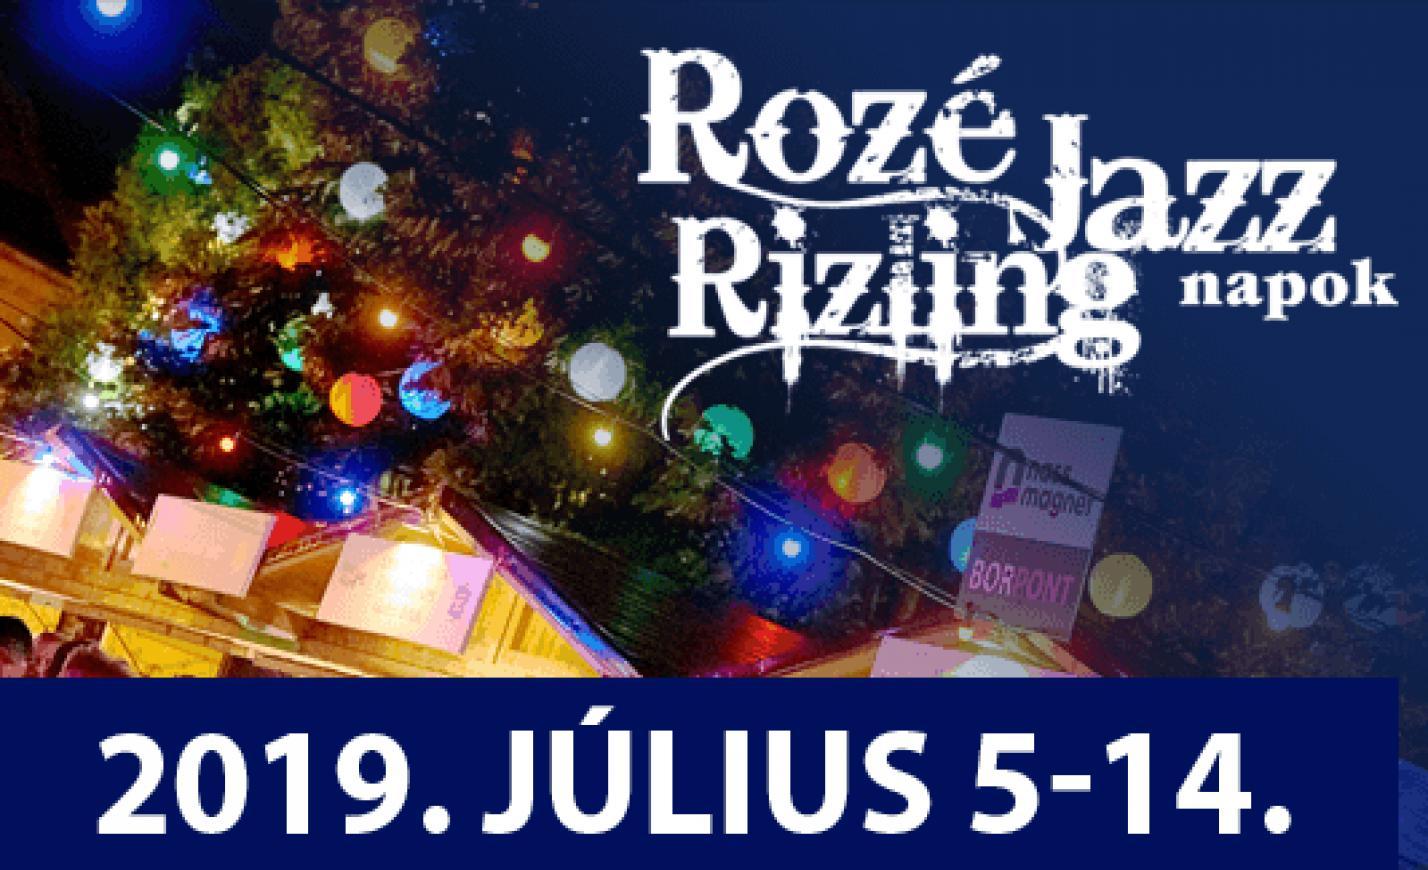 Harminc koncert és harminc borász a Rozé Rizling Jazz Napokon júliusban Veszprémben